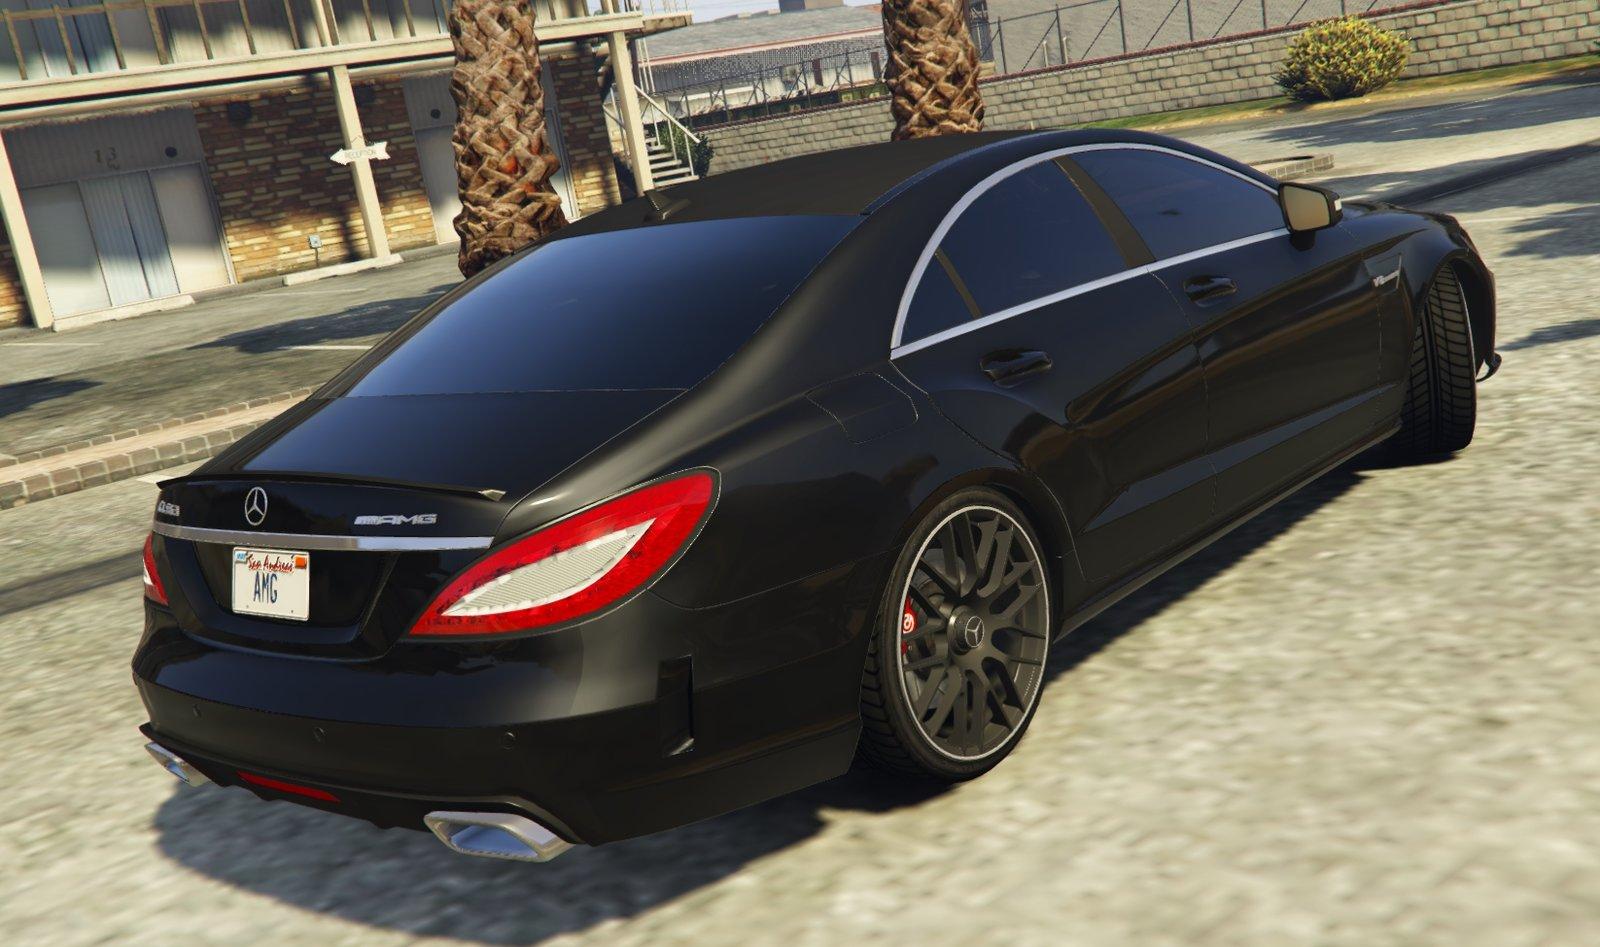 Mercedes-Benz CLS 6.3 AMG - Vehicules pour GTA V sur GTA ...